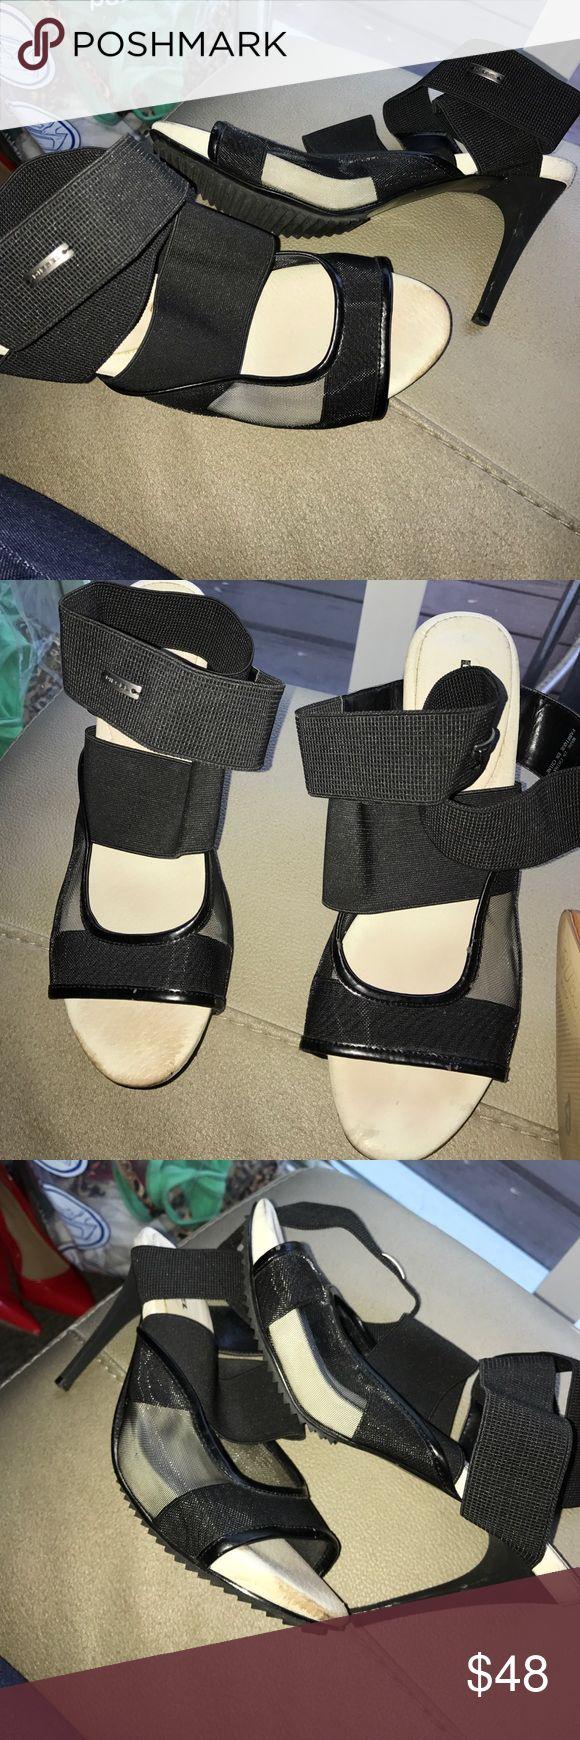 Diesel shoes Diesel heels ! Comfy! Like new! Worn 2 times! Trendy Diesel Shoes Heels